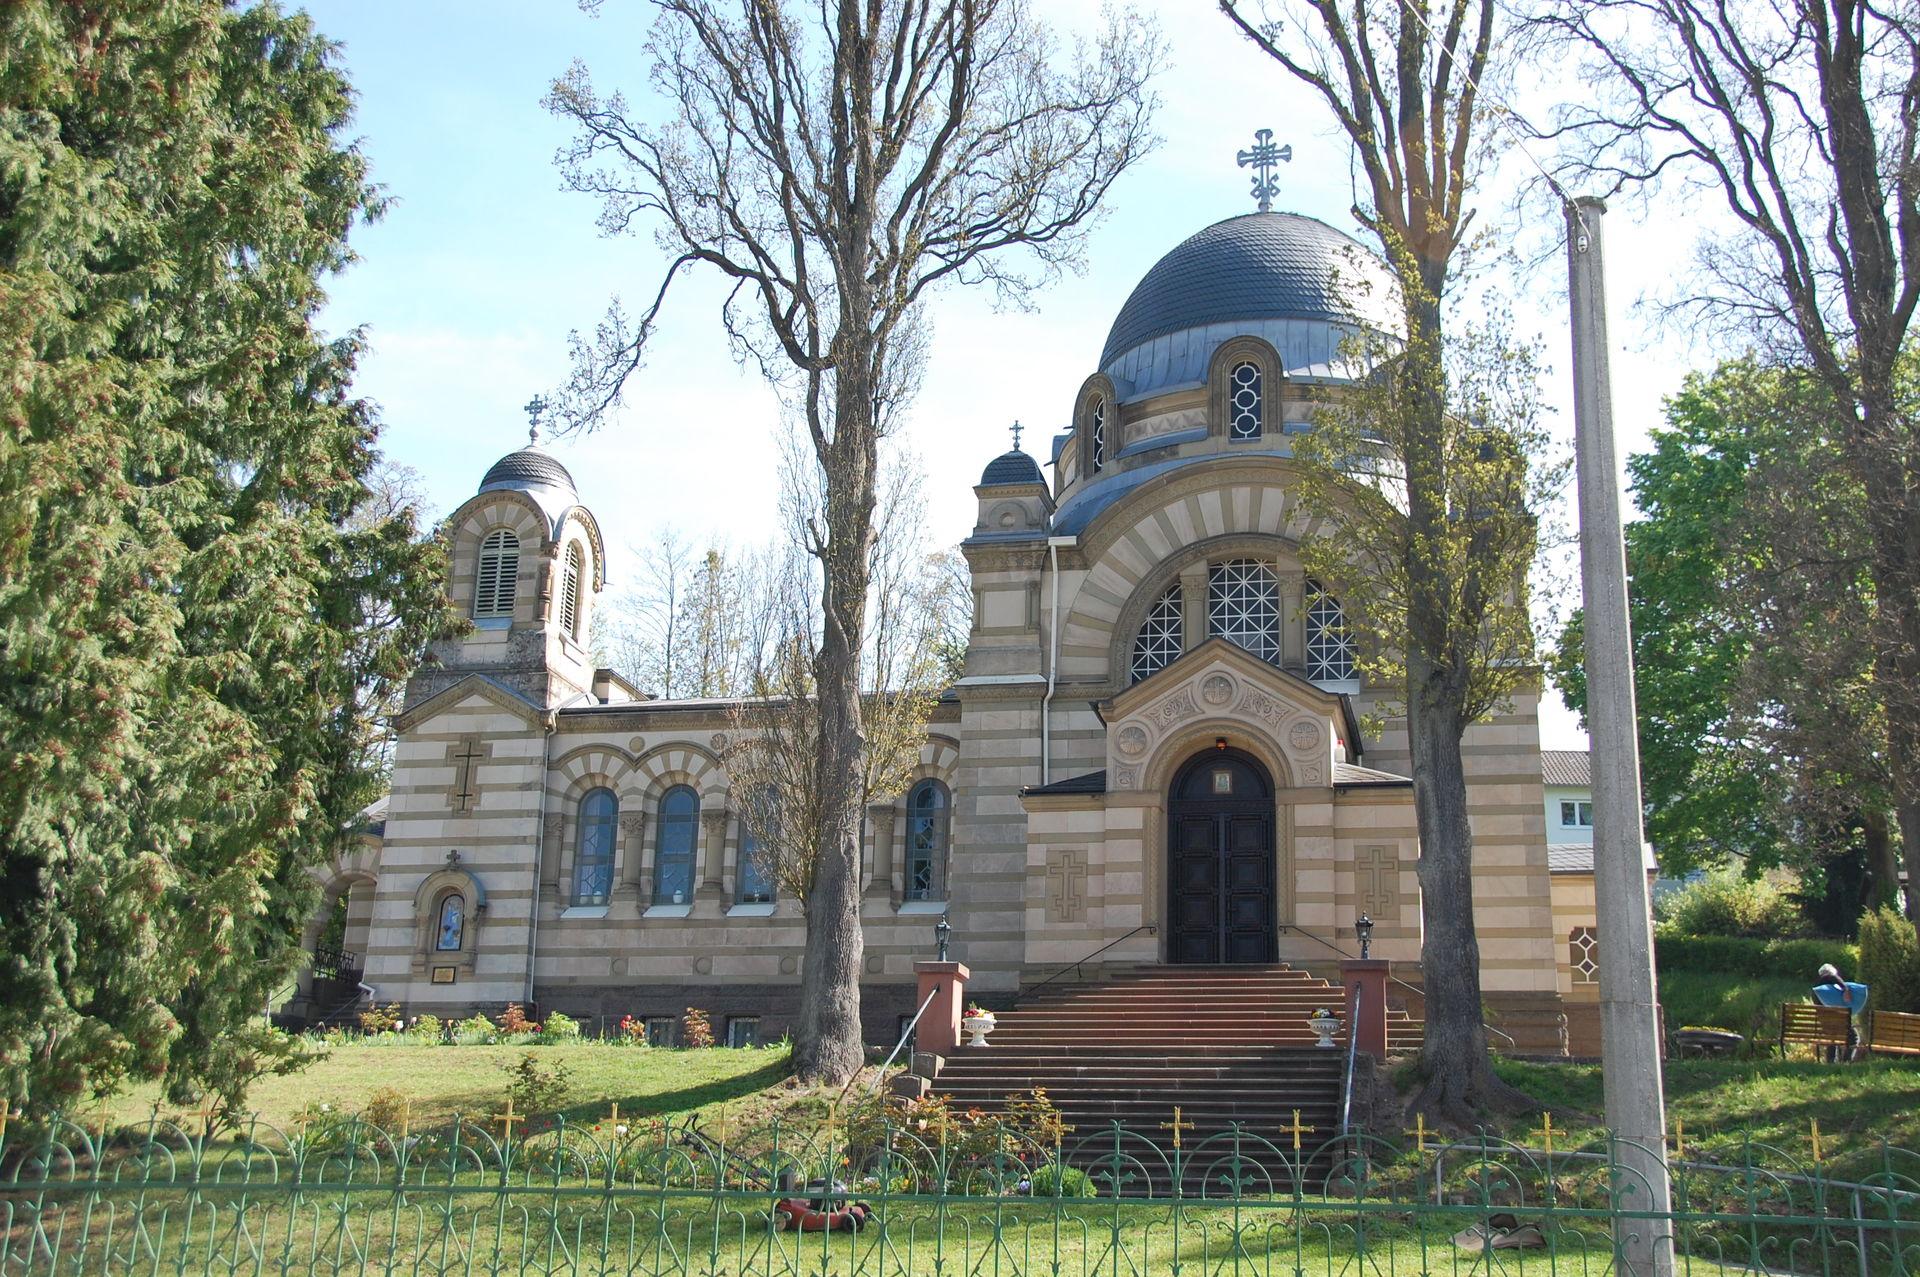 Blick auf die Russische Kirche in Bad Kissingen